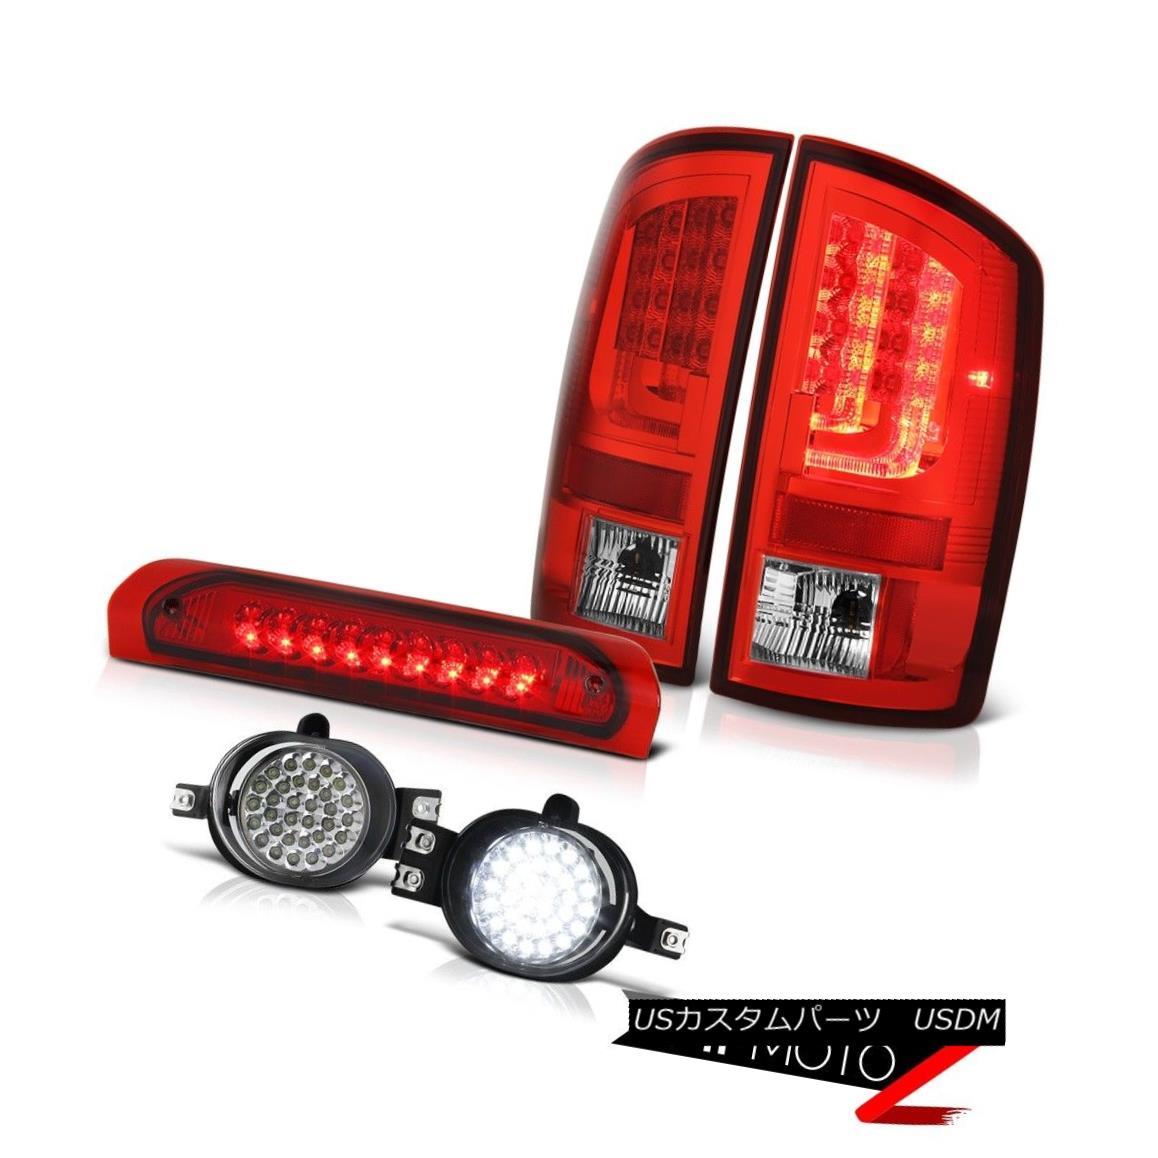 テールライト 07-08 Dodge Ram 1500 4.7L Tail Lights Euro Chrome Fog Roof Cab Lamp Tron STyle 07-08ダッジラム1500 4.7Lテールランプユーロクロームフォグ屋根キャブランプトロンSTyle